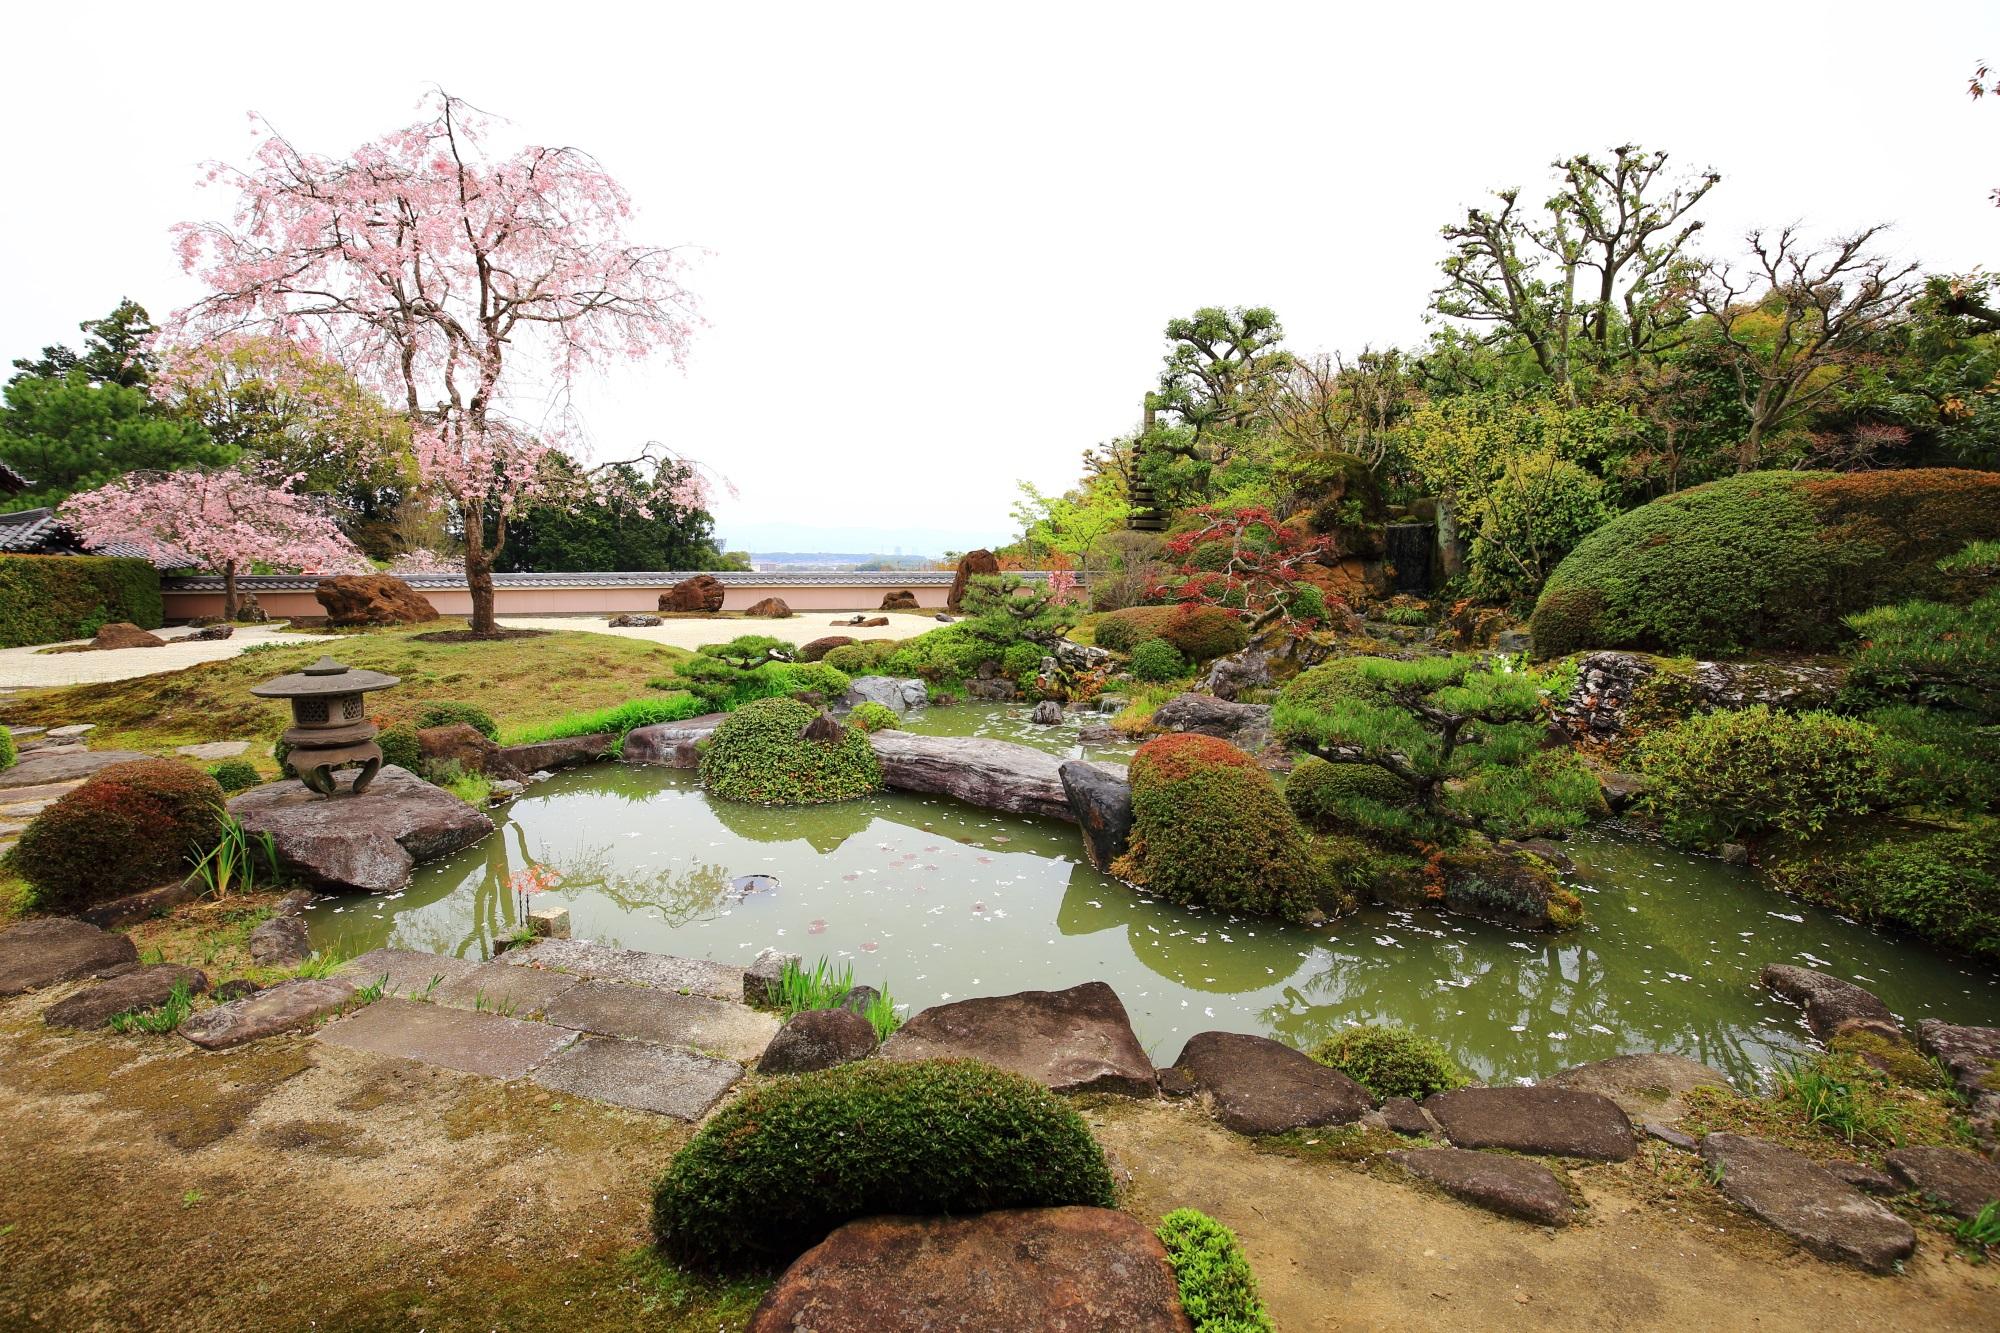 真ん中と奥にしだれ桜がある宝生苑(ほうしょうえん)